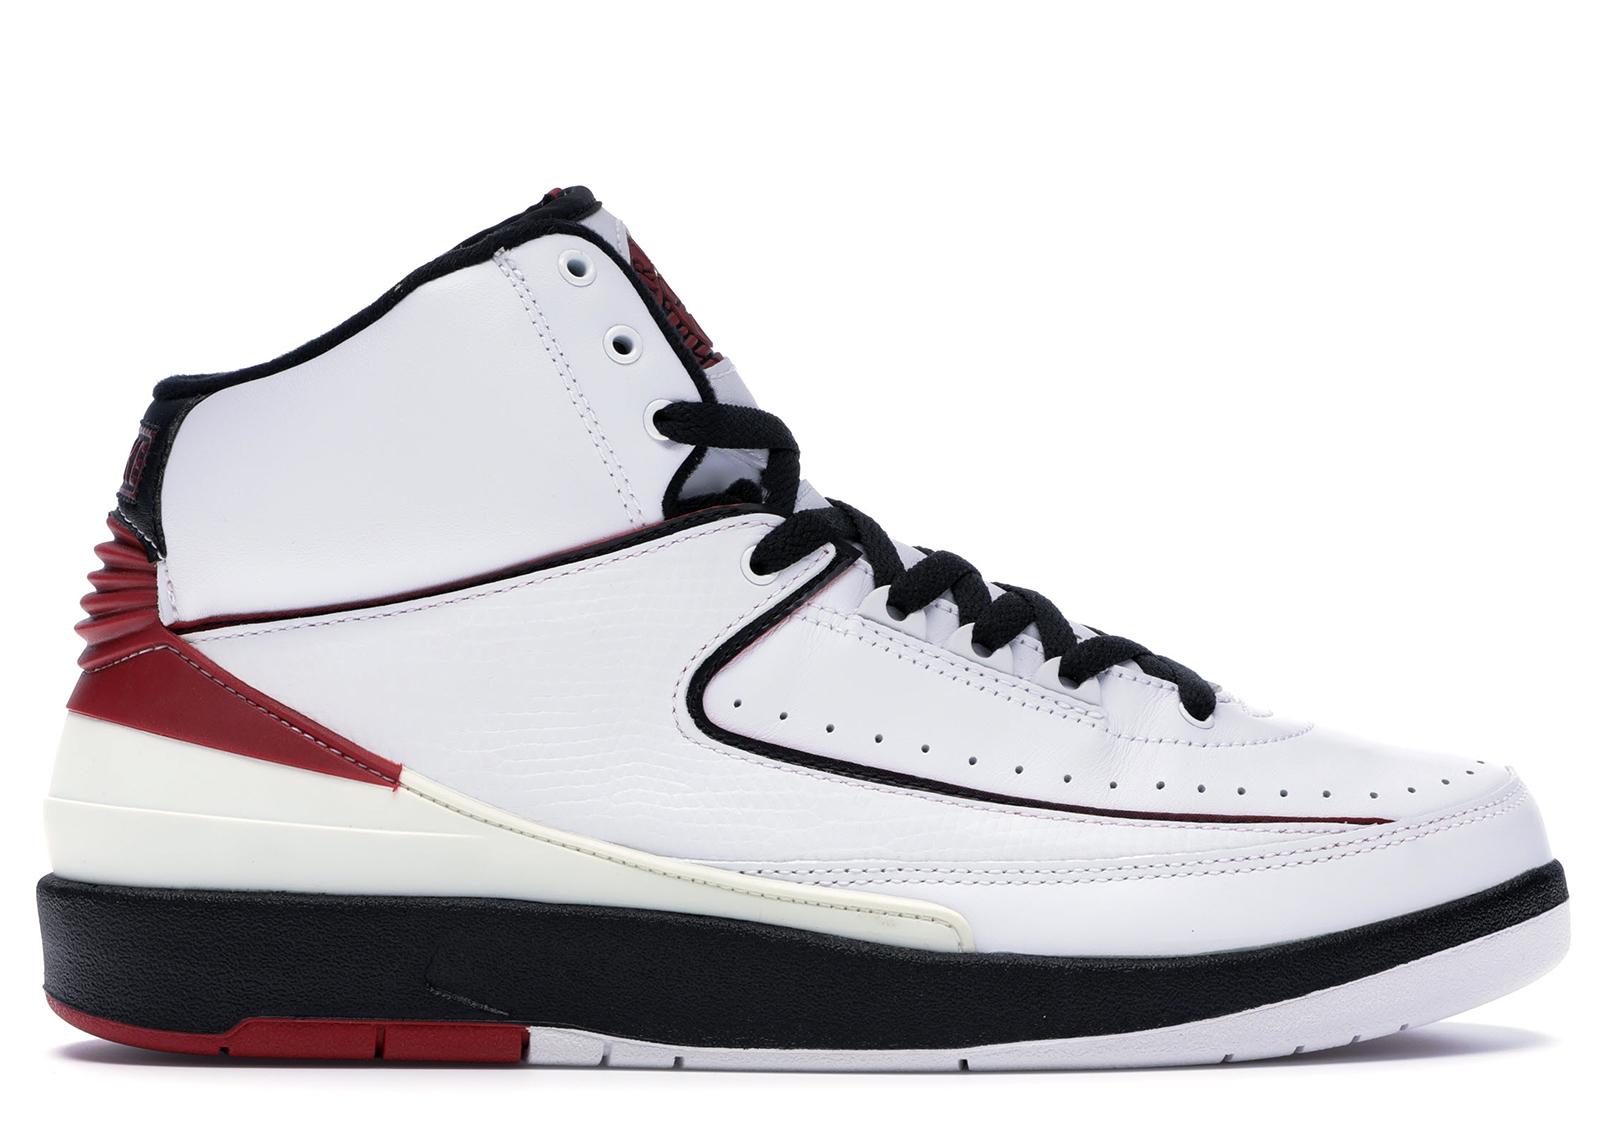 Jordan 2 Retro White Varsity Red (2004